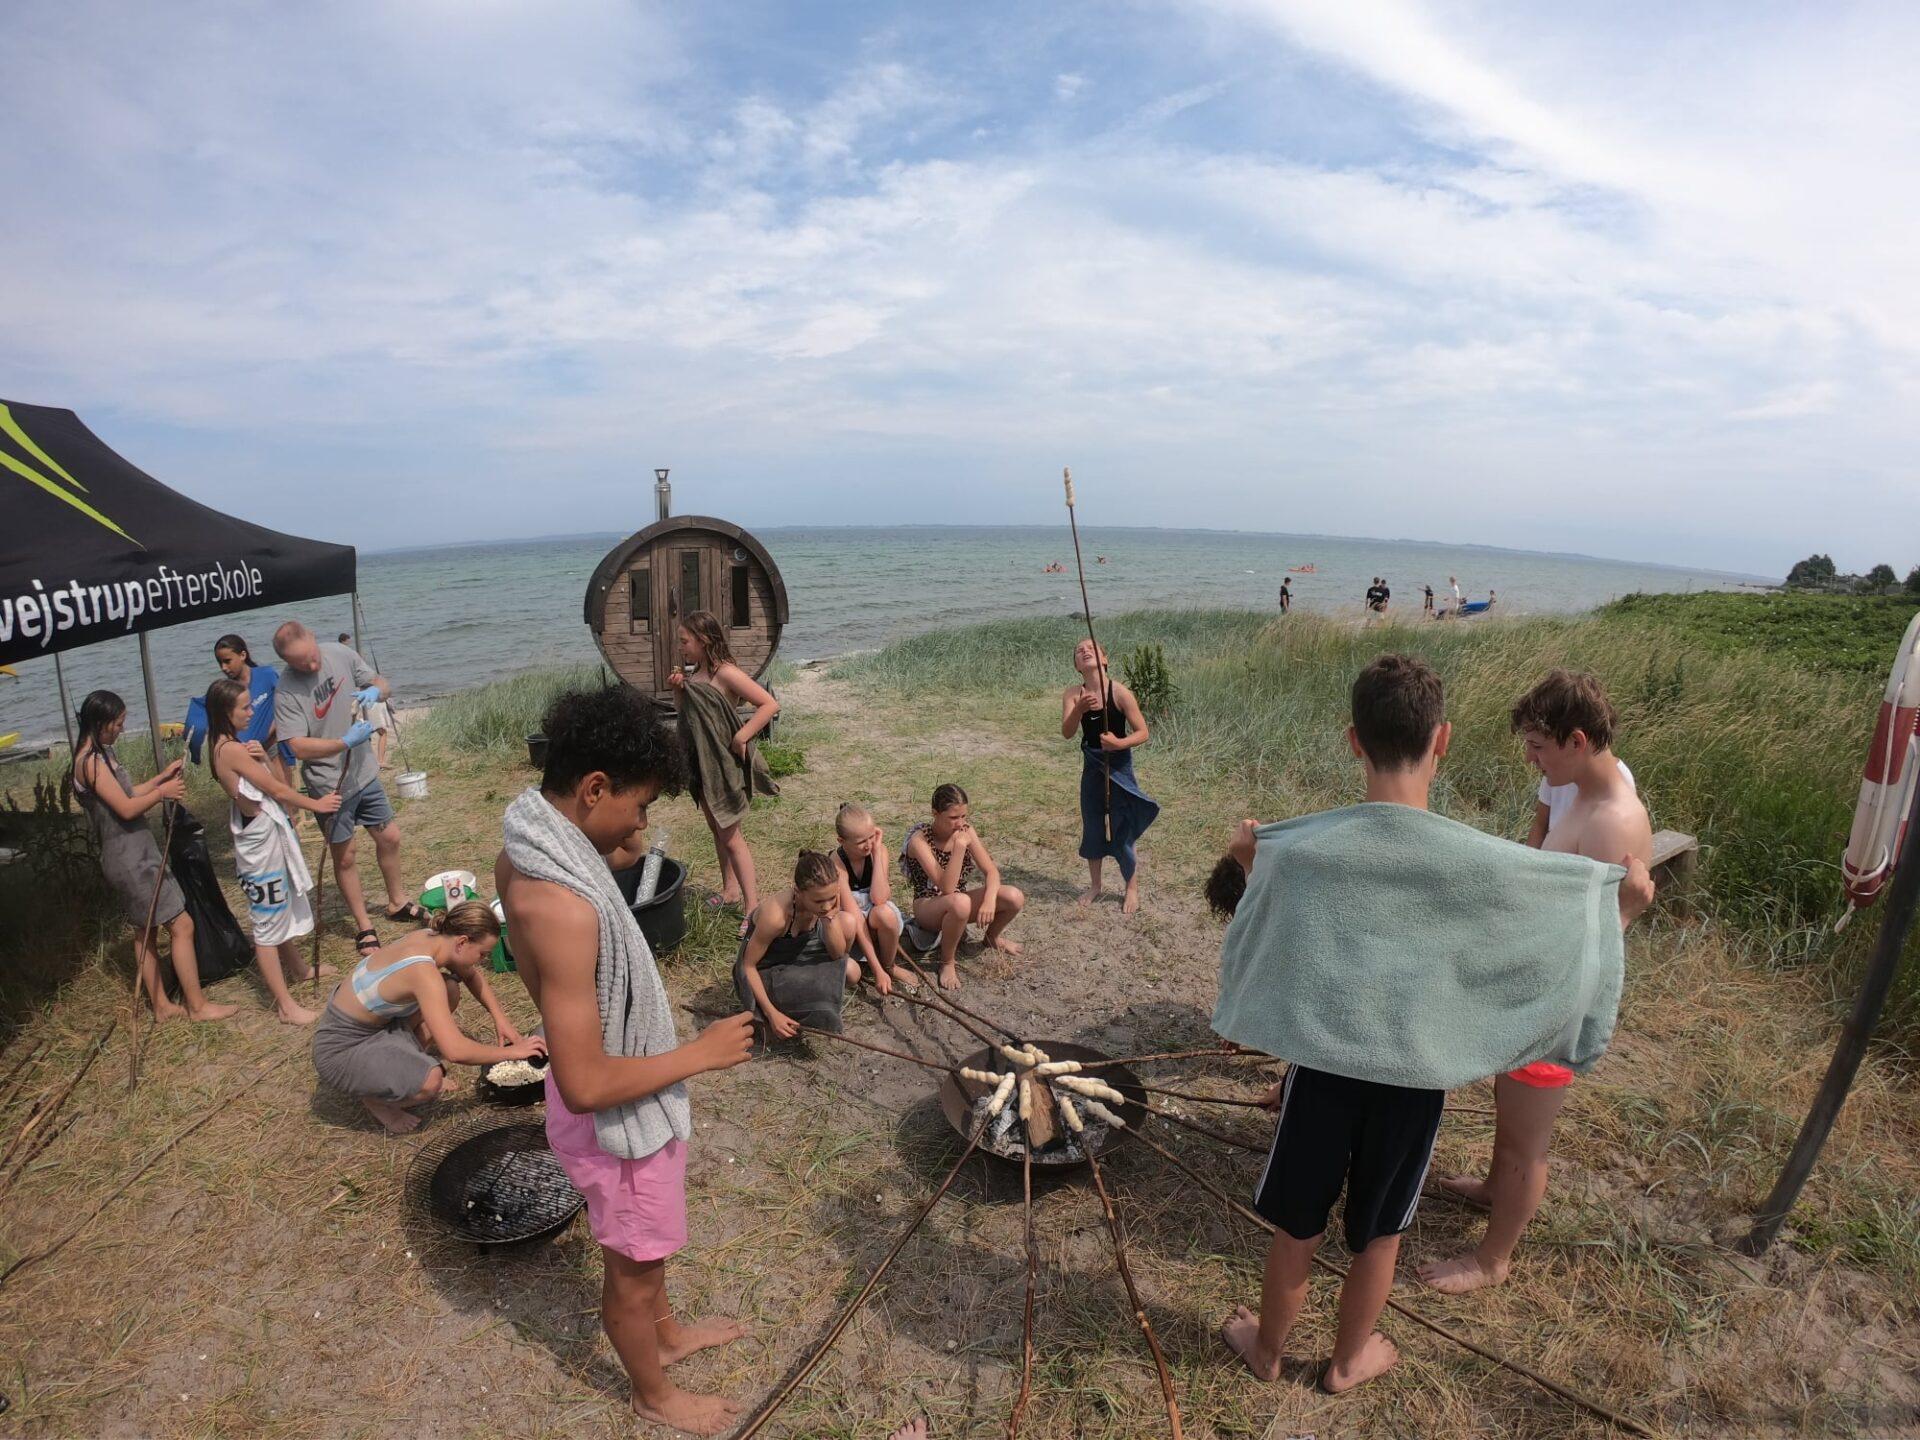 Børn er på stranden på VejstrupCamp